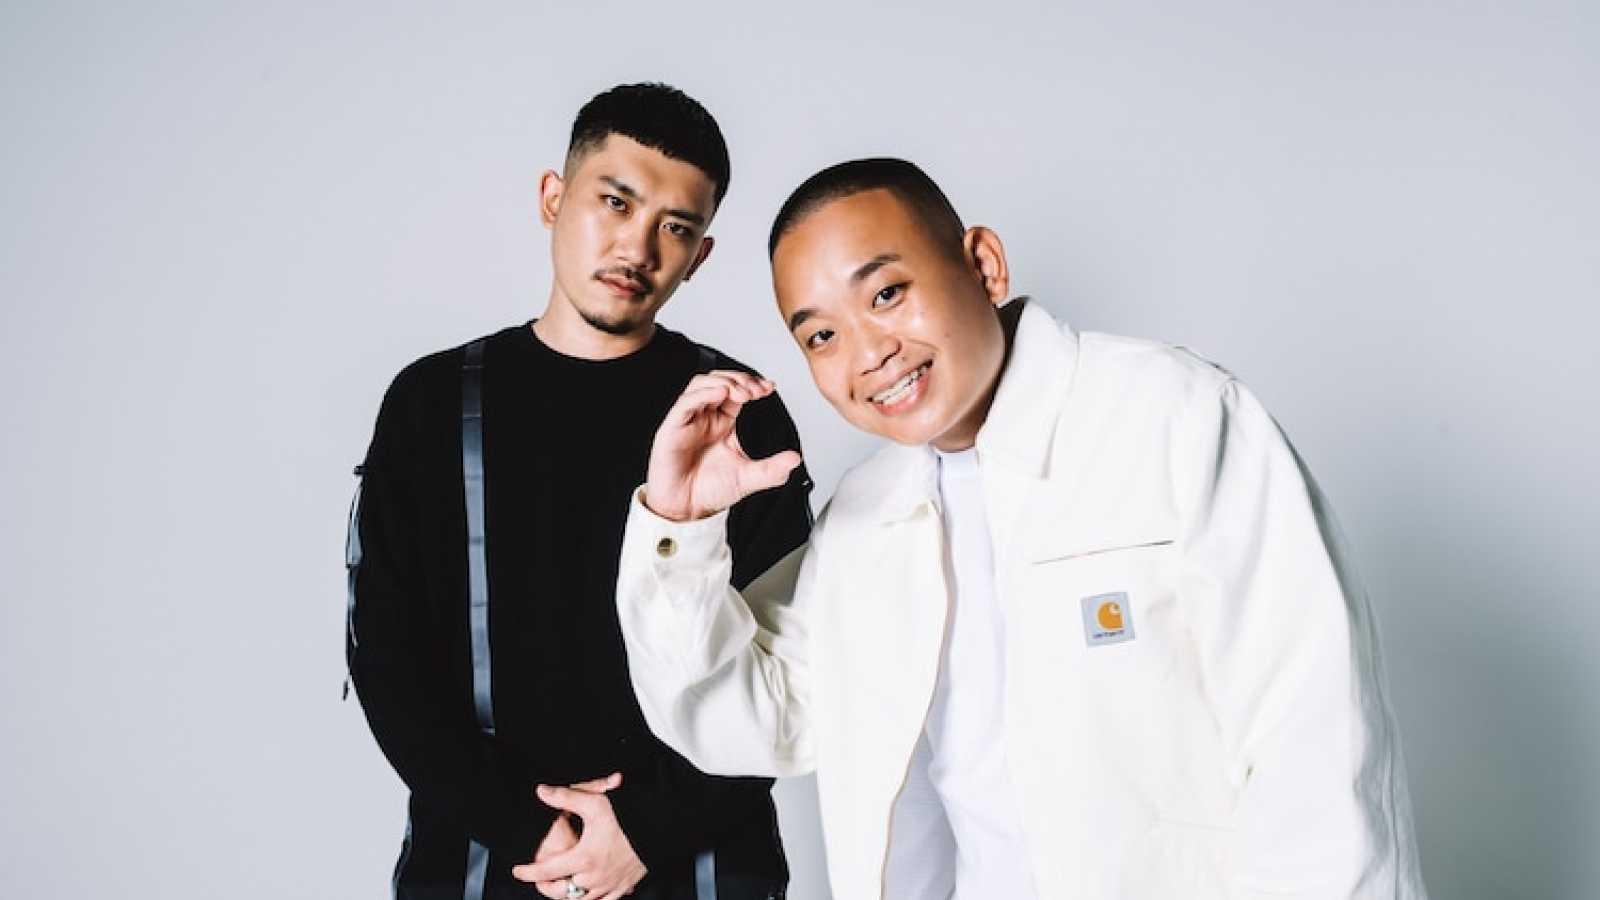 DJ CHARI & DJ TATSUKI © DJ CHARI & DJ TATSUKI. All rights reserved.